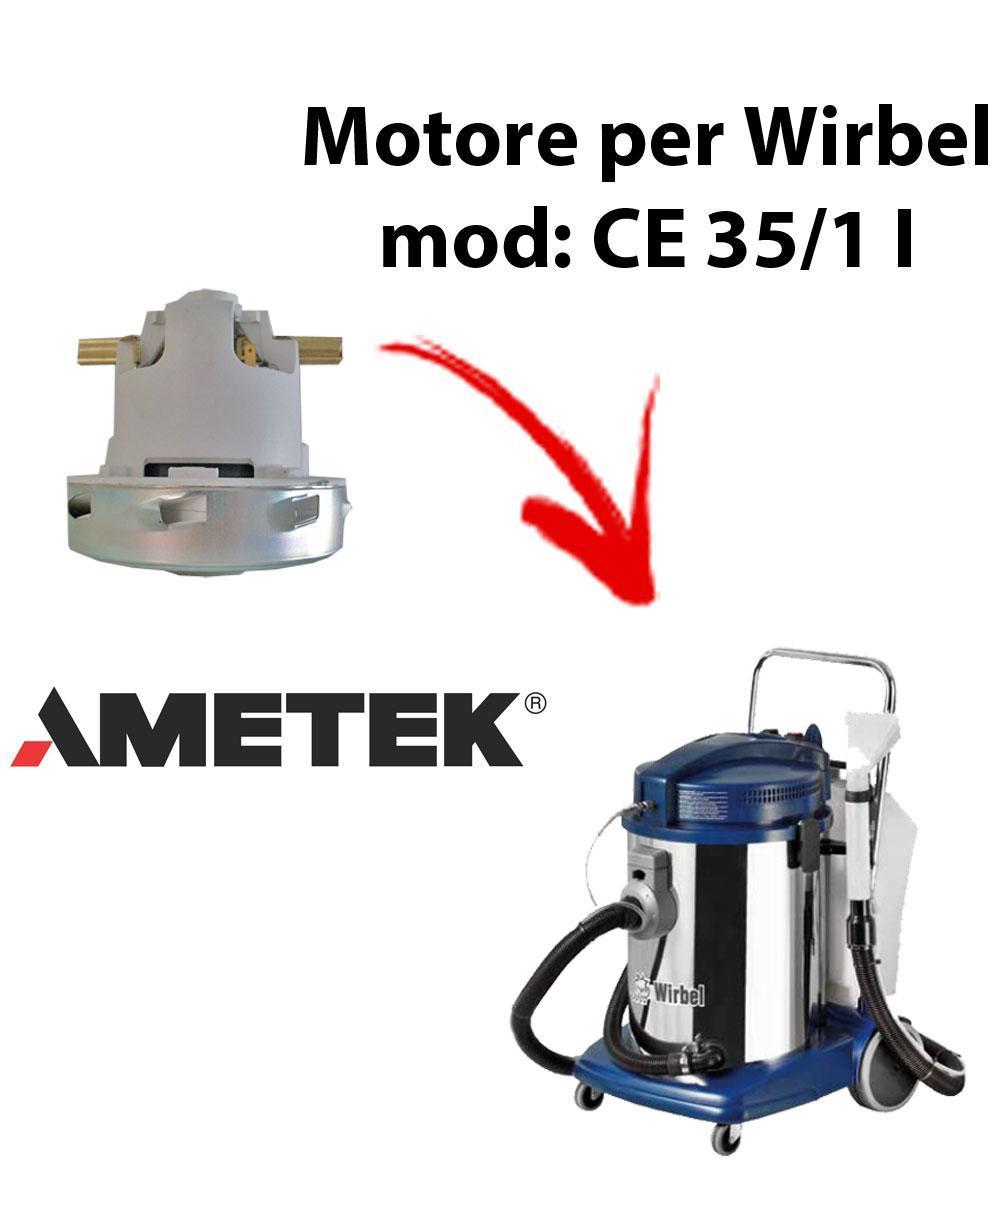 CE 35/1 I  Motore de aspiración AMETEK para aspiradora WIRBEL